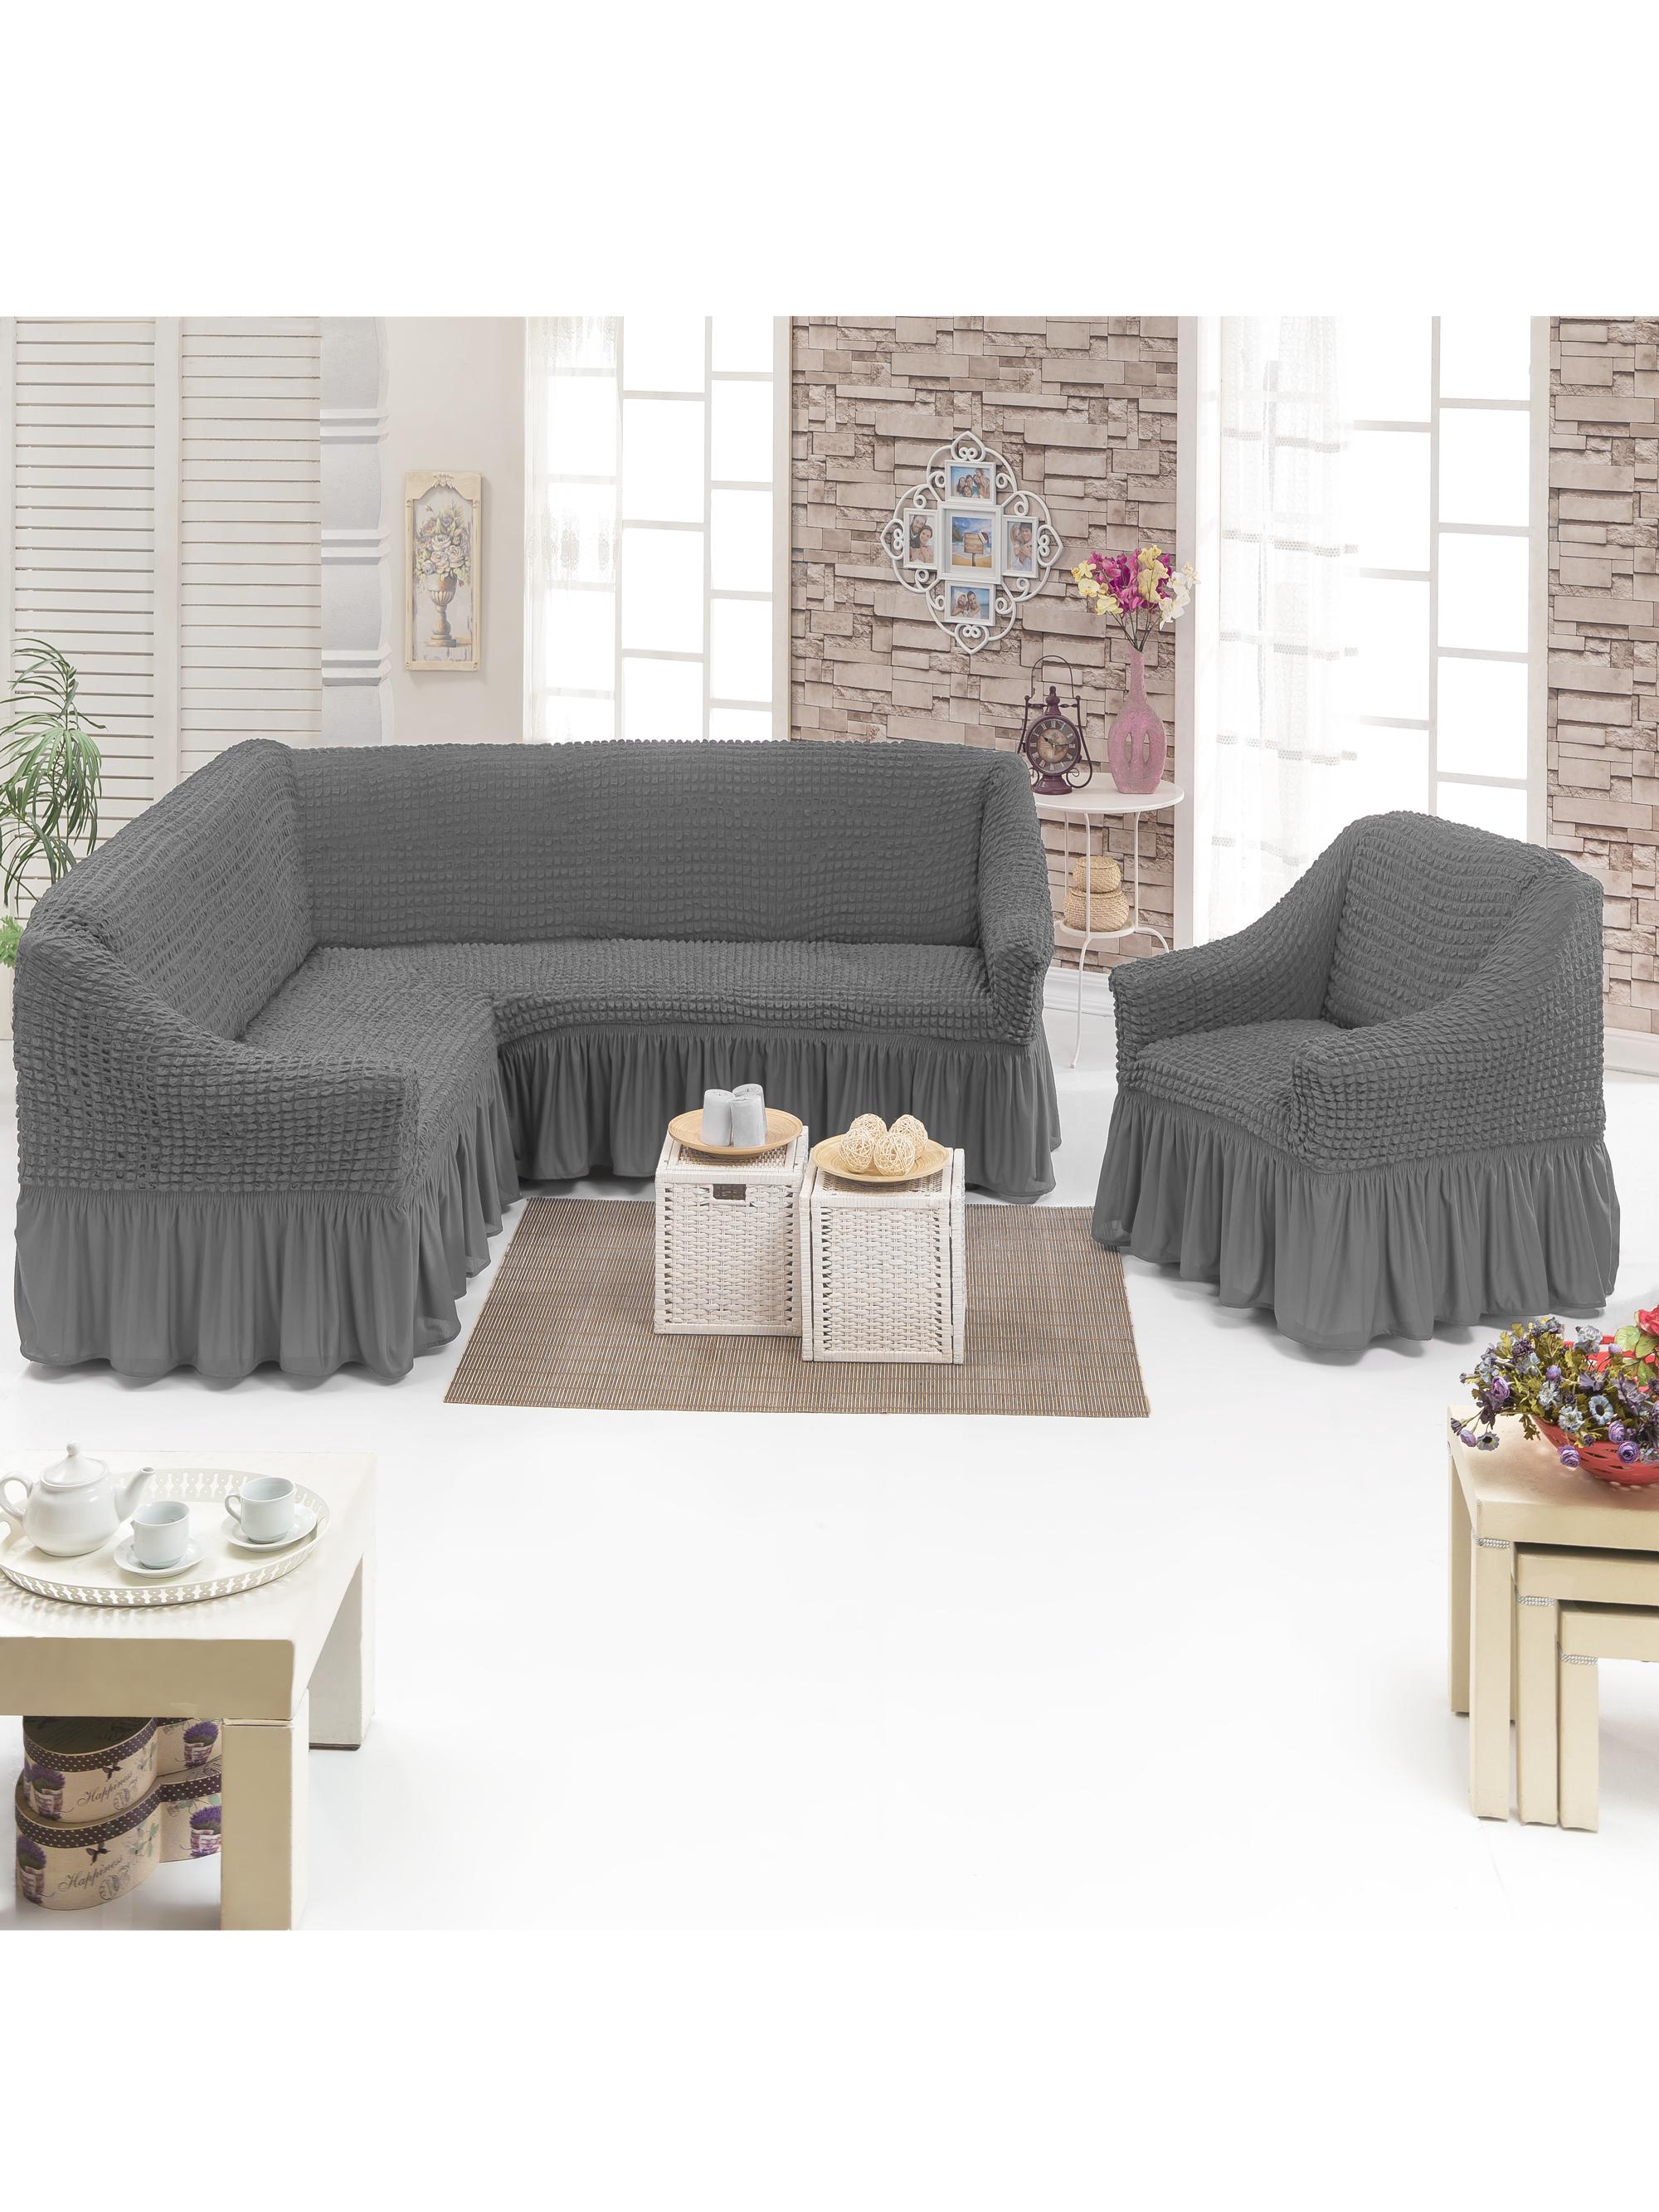 Чехол на мебель JUANNA Чехол д/мягкой мебели Угловой 2-х пр.(3+1) кресла 1шт JUANNA_серый, серый